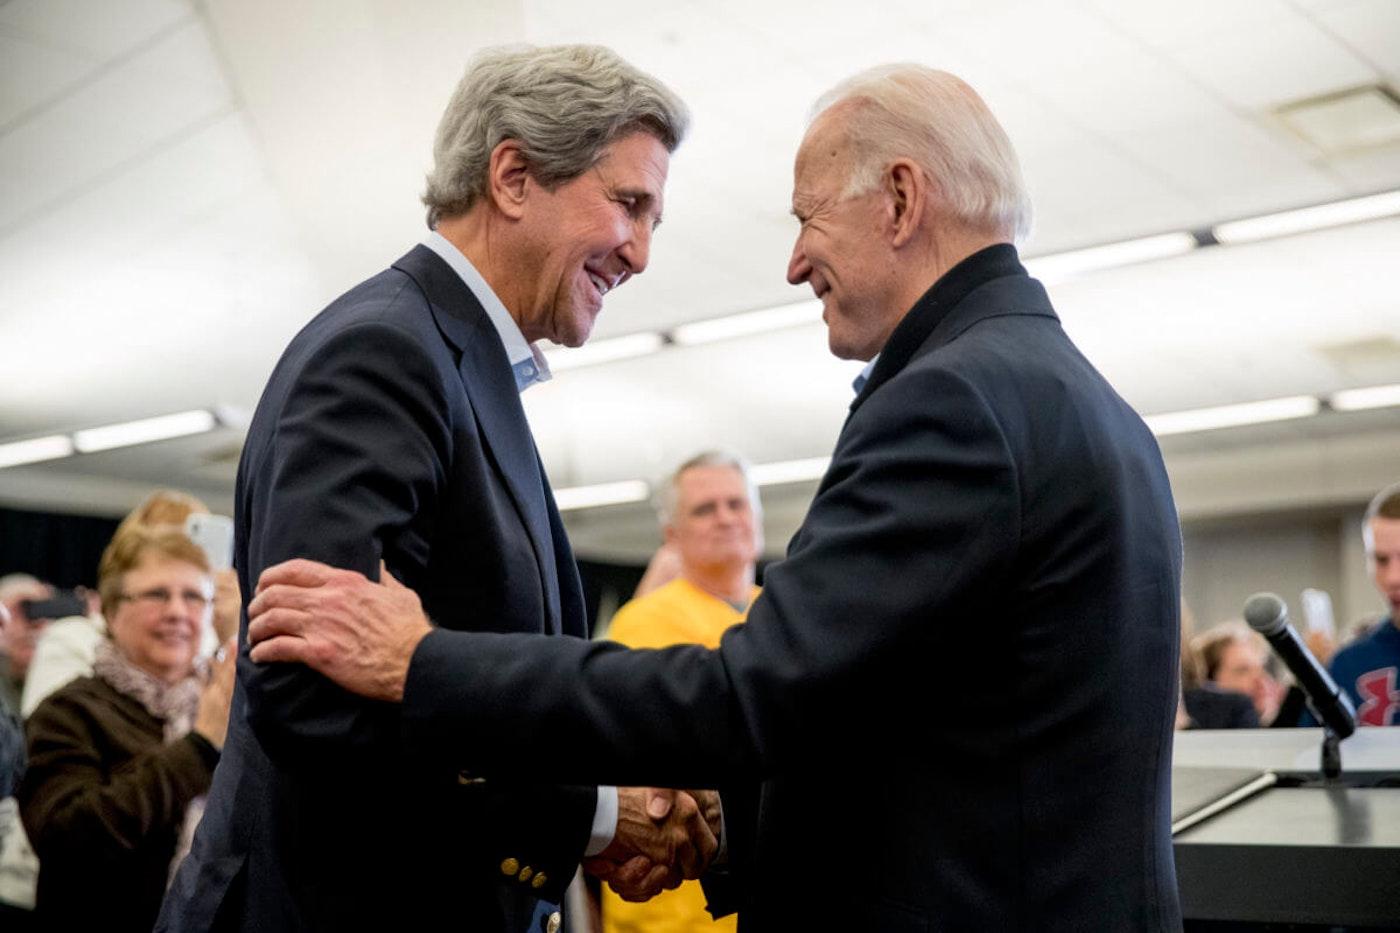 John Kerry shakes hands with Joe Biden